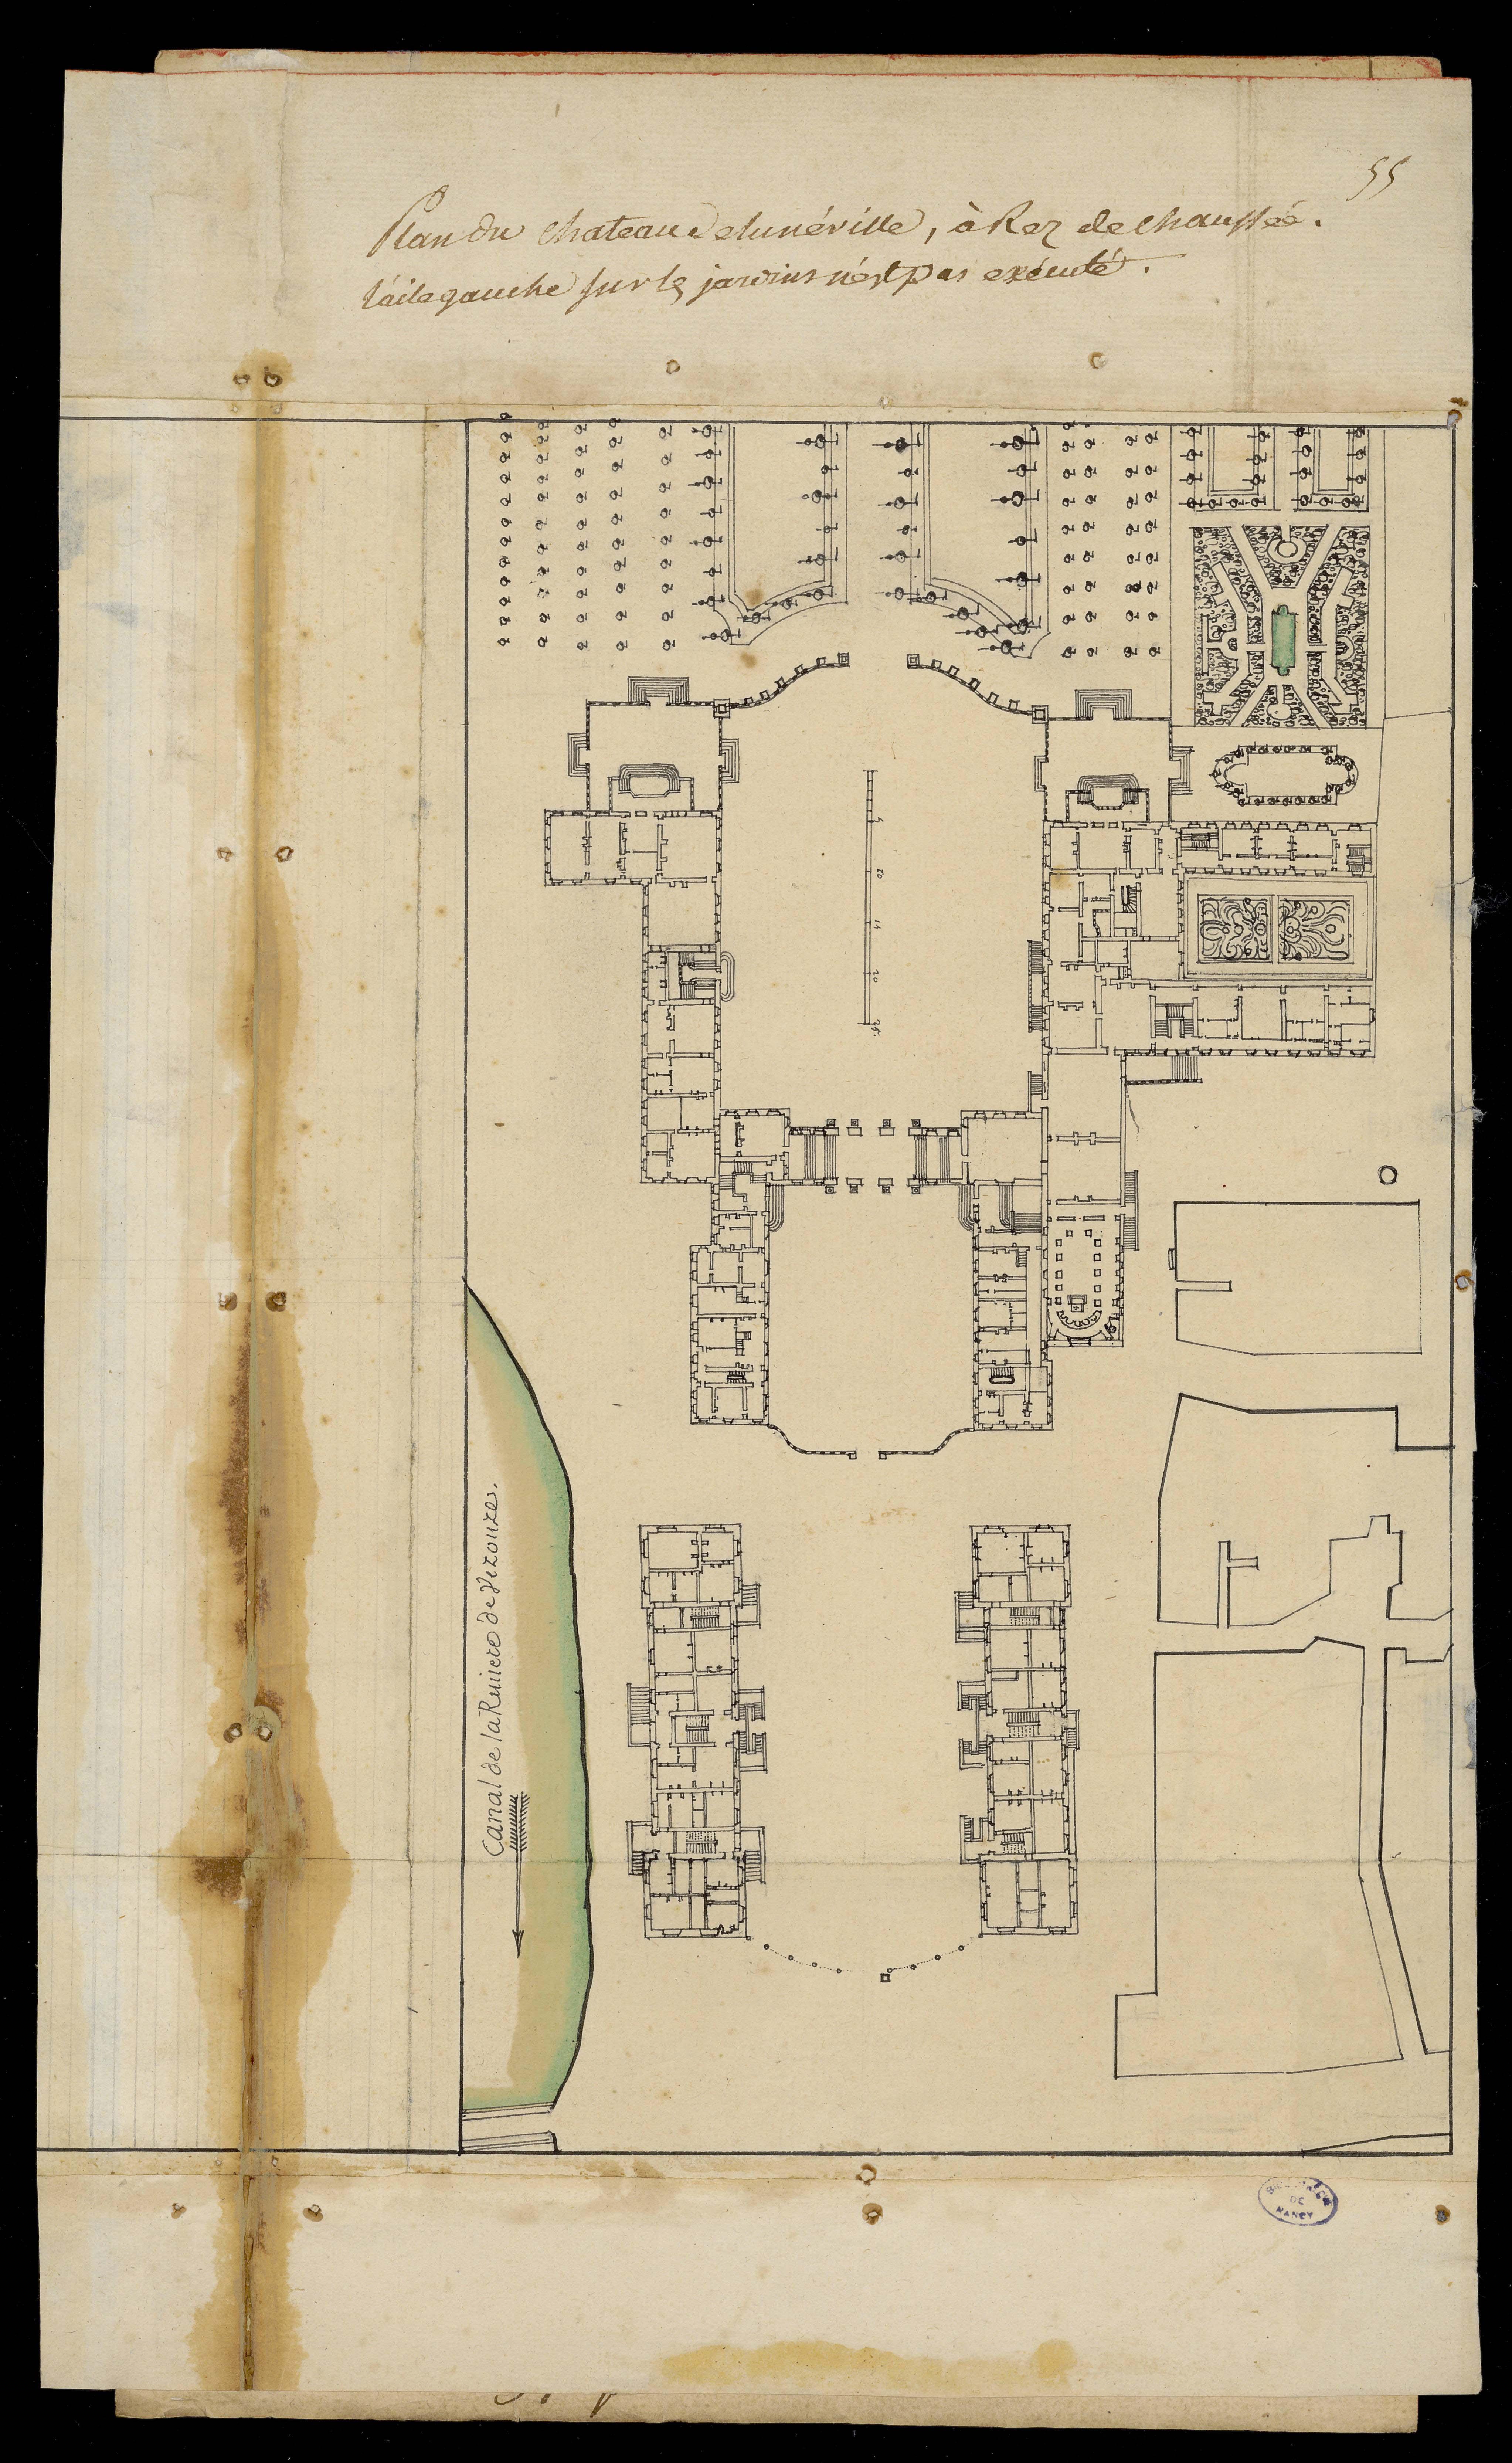 Contenu du Plan du château de Lunéville, à rez de chaussée. L'aile gauche sur les jardins n'est pas exécutée